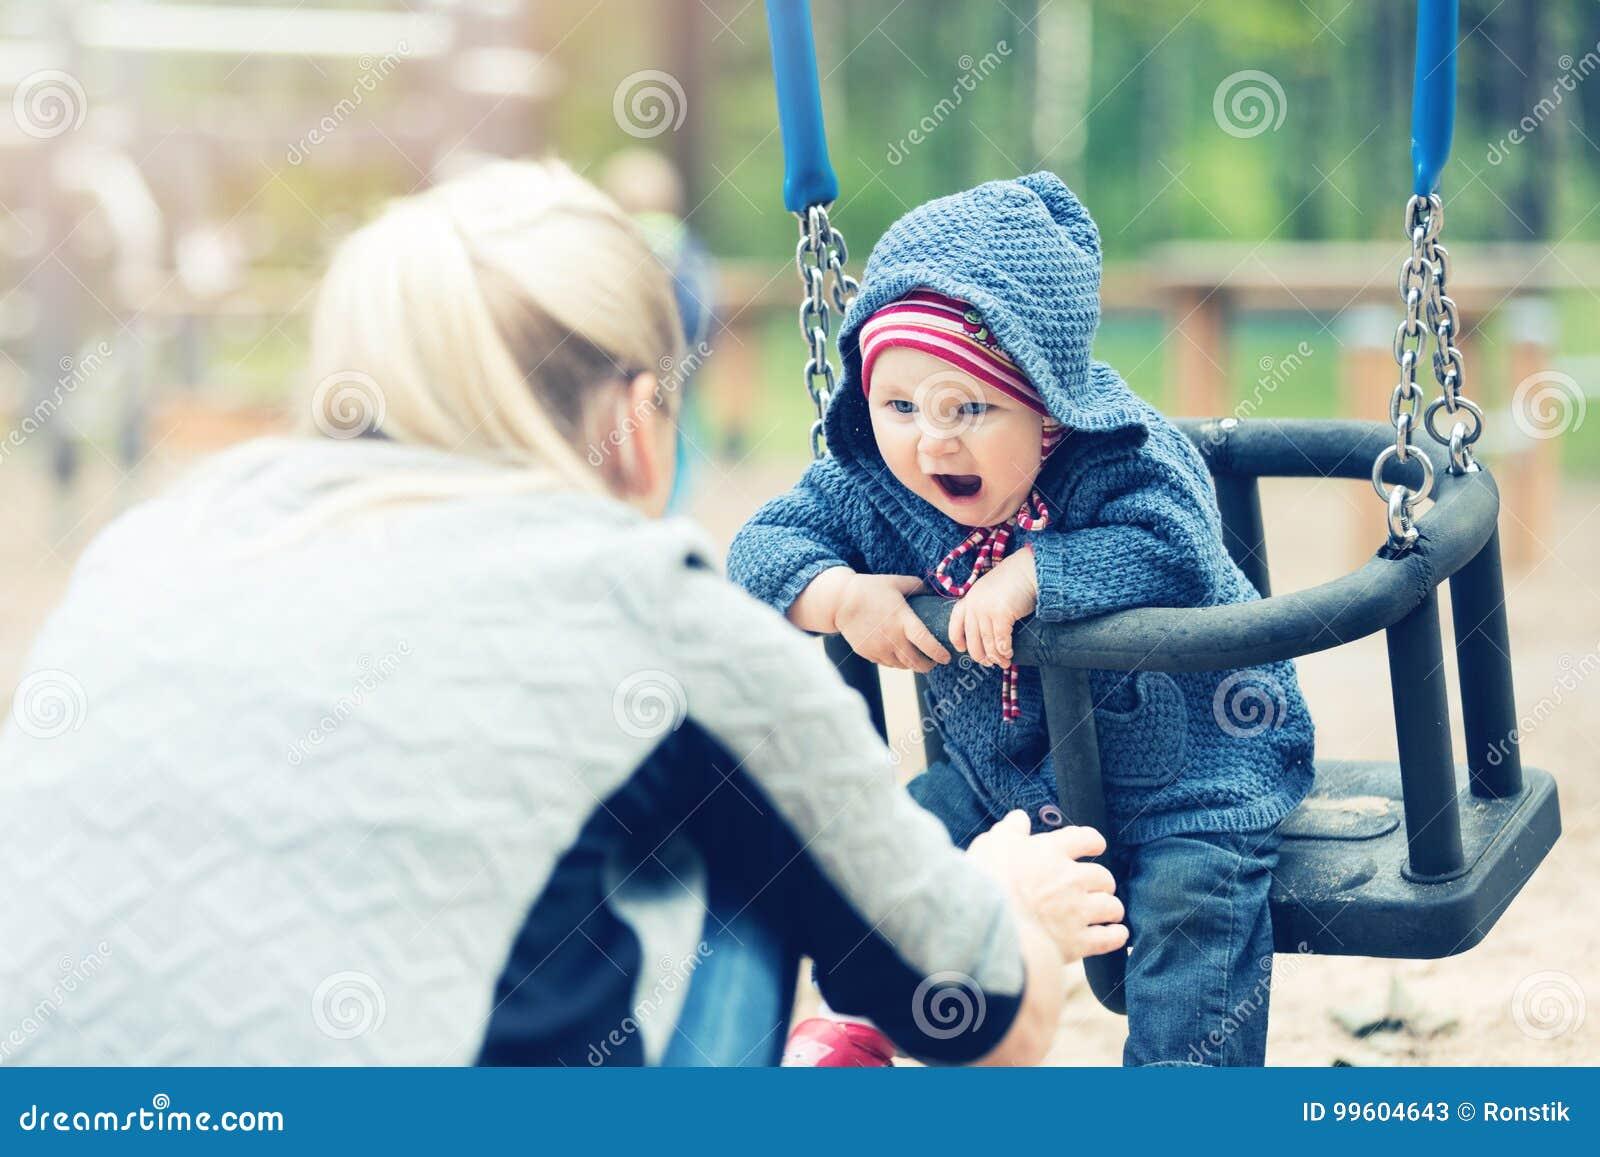 Matka i dziecko ma zabawę w huśtawce przy boiskiem